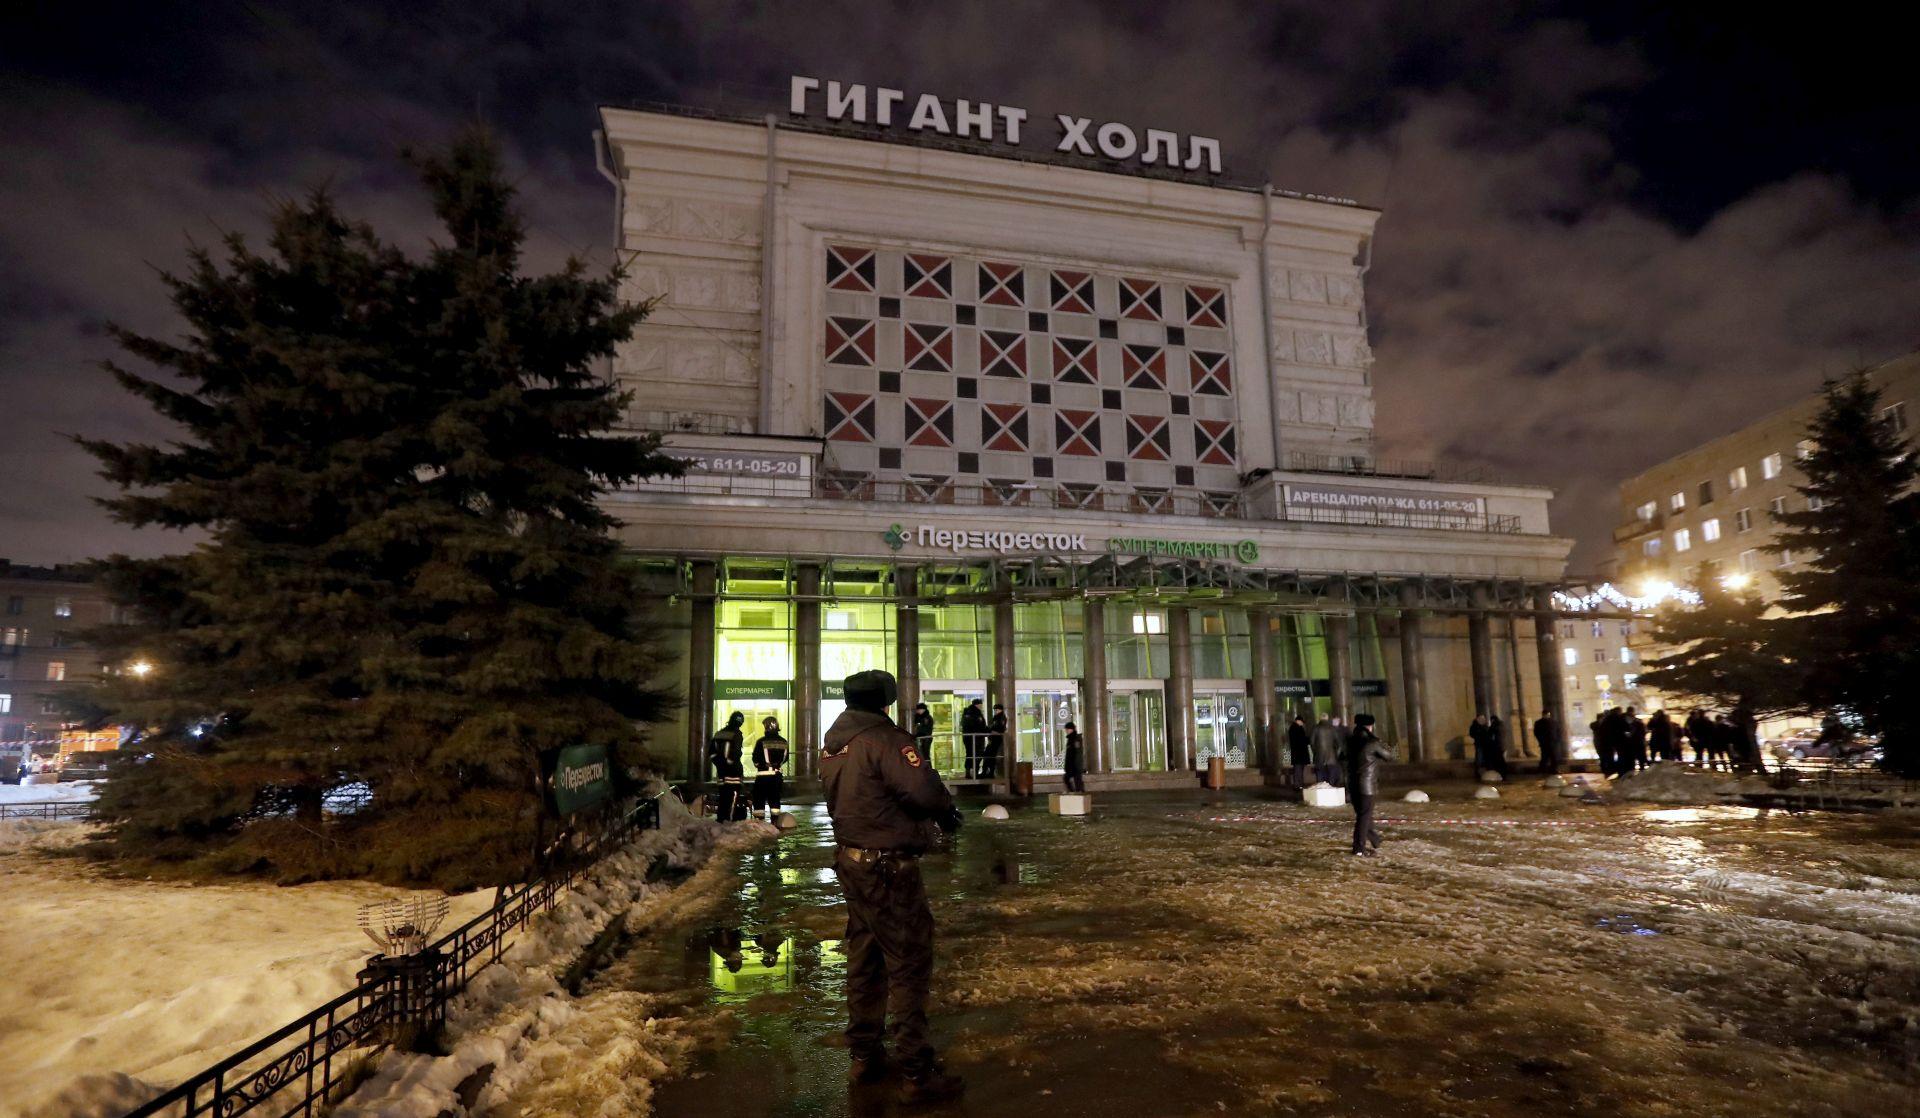 Uhićen napadač na trgovački centar u Sankt Peterburgu